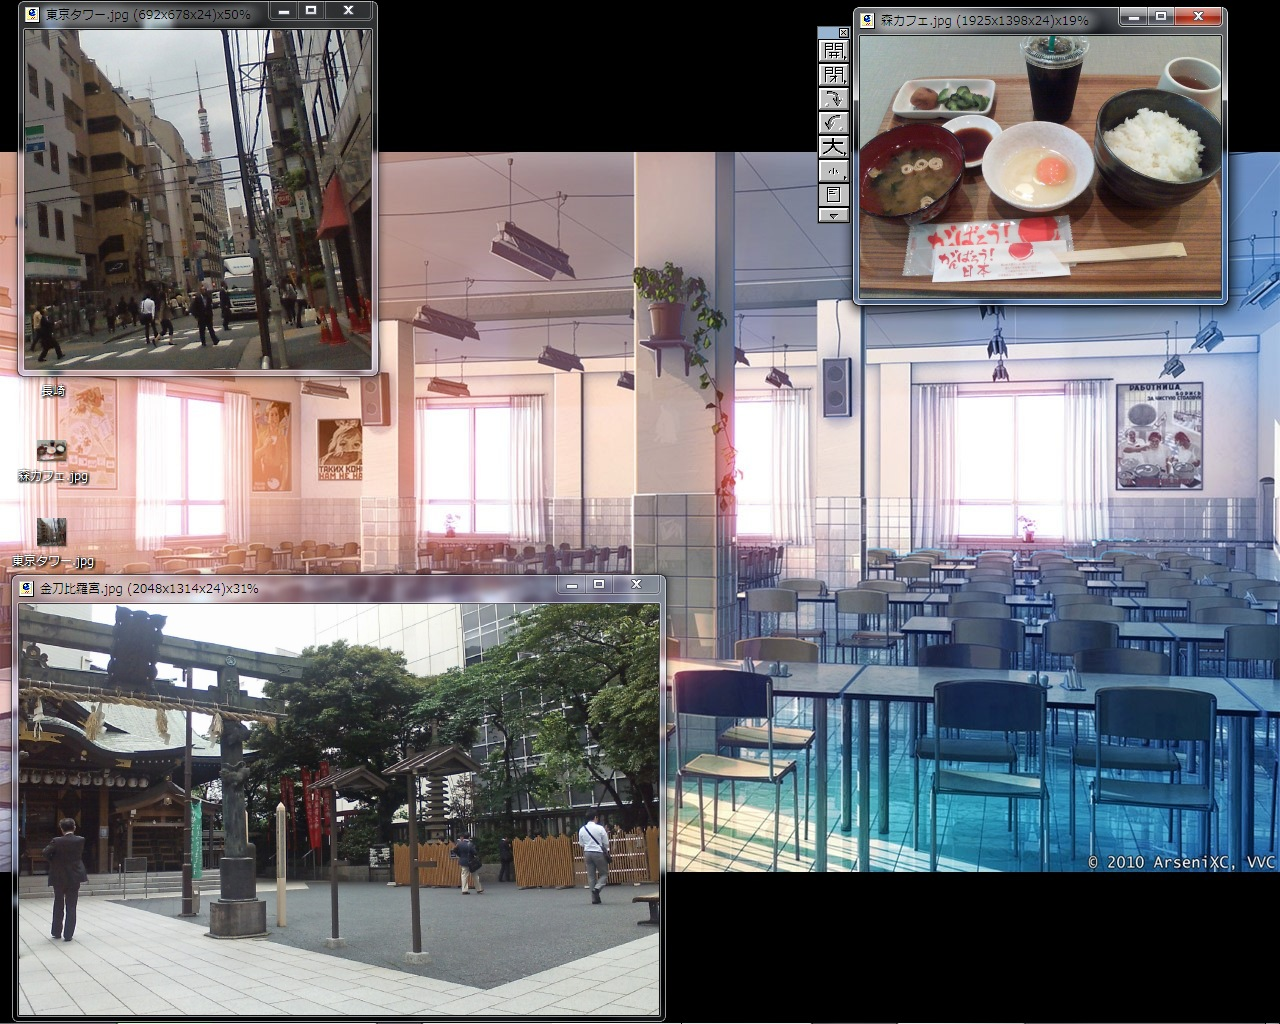 虎ノ門:ビジネス街に喫煙エリア多かった